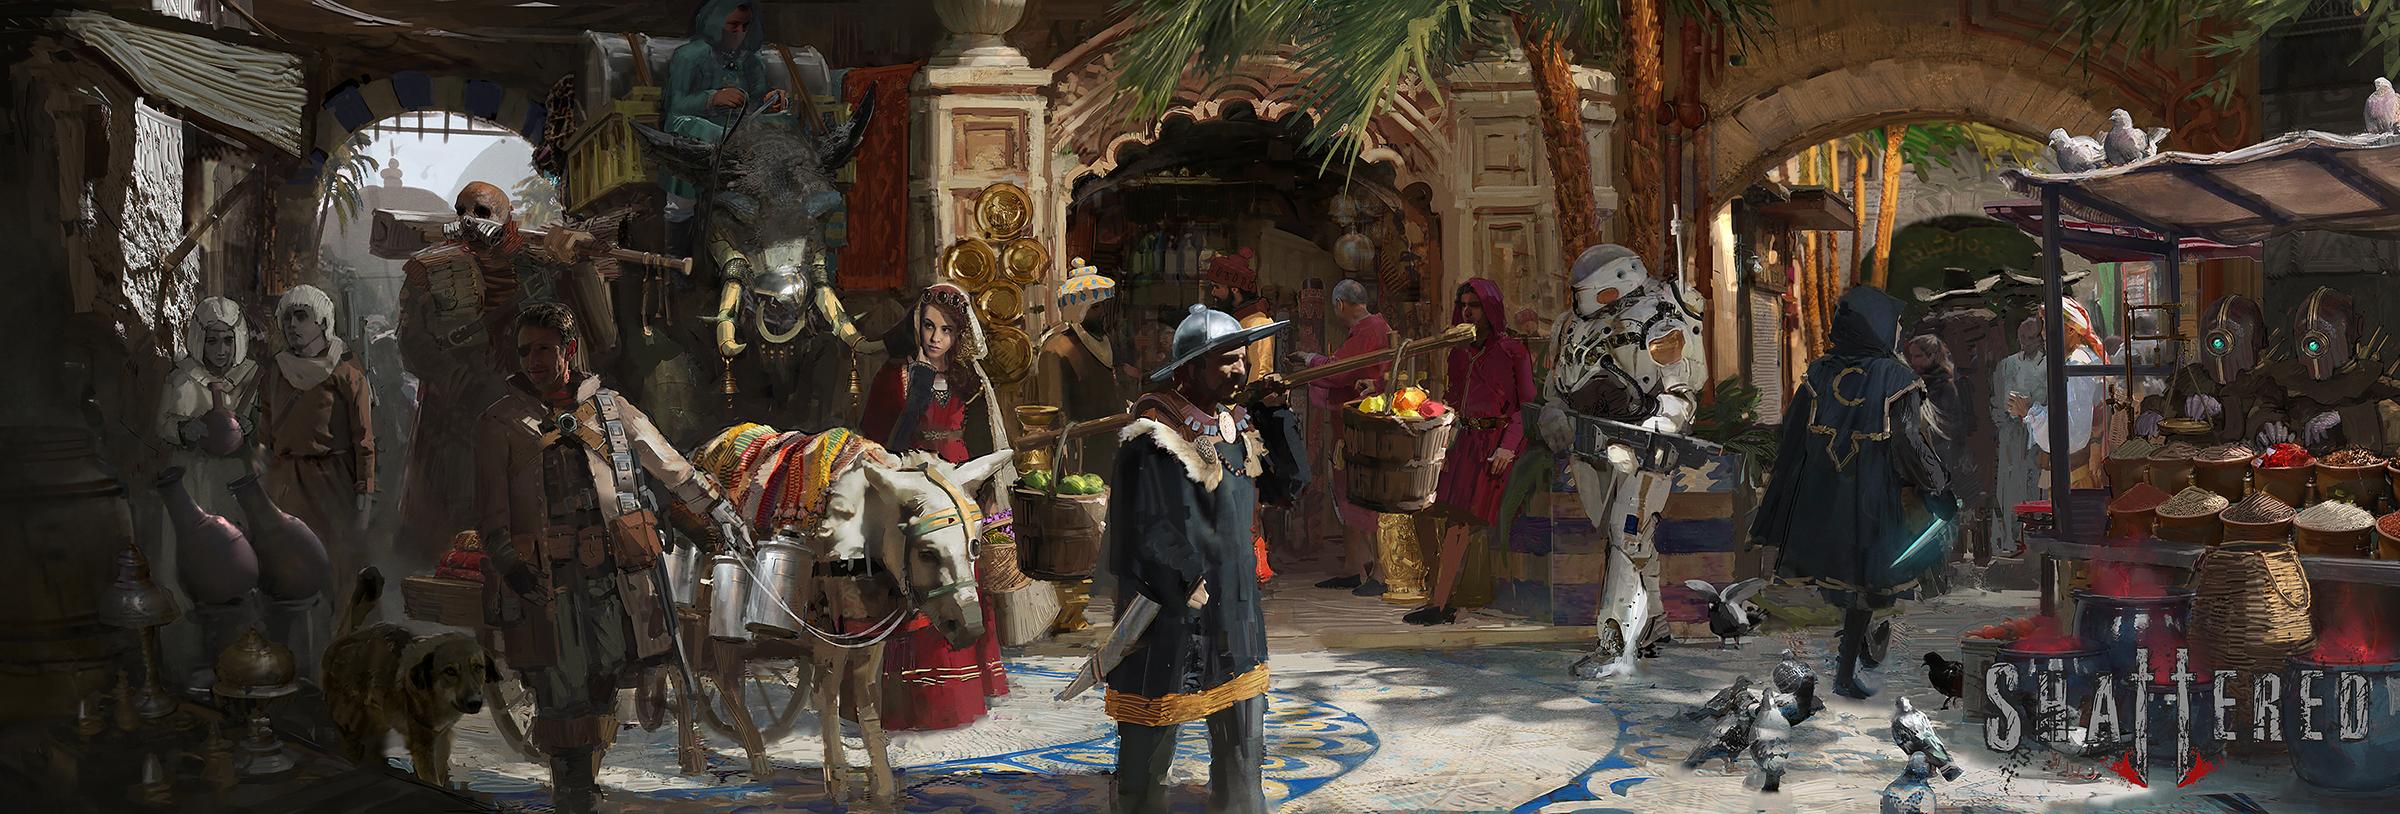 Shattered RPG - Market of Lokoran